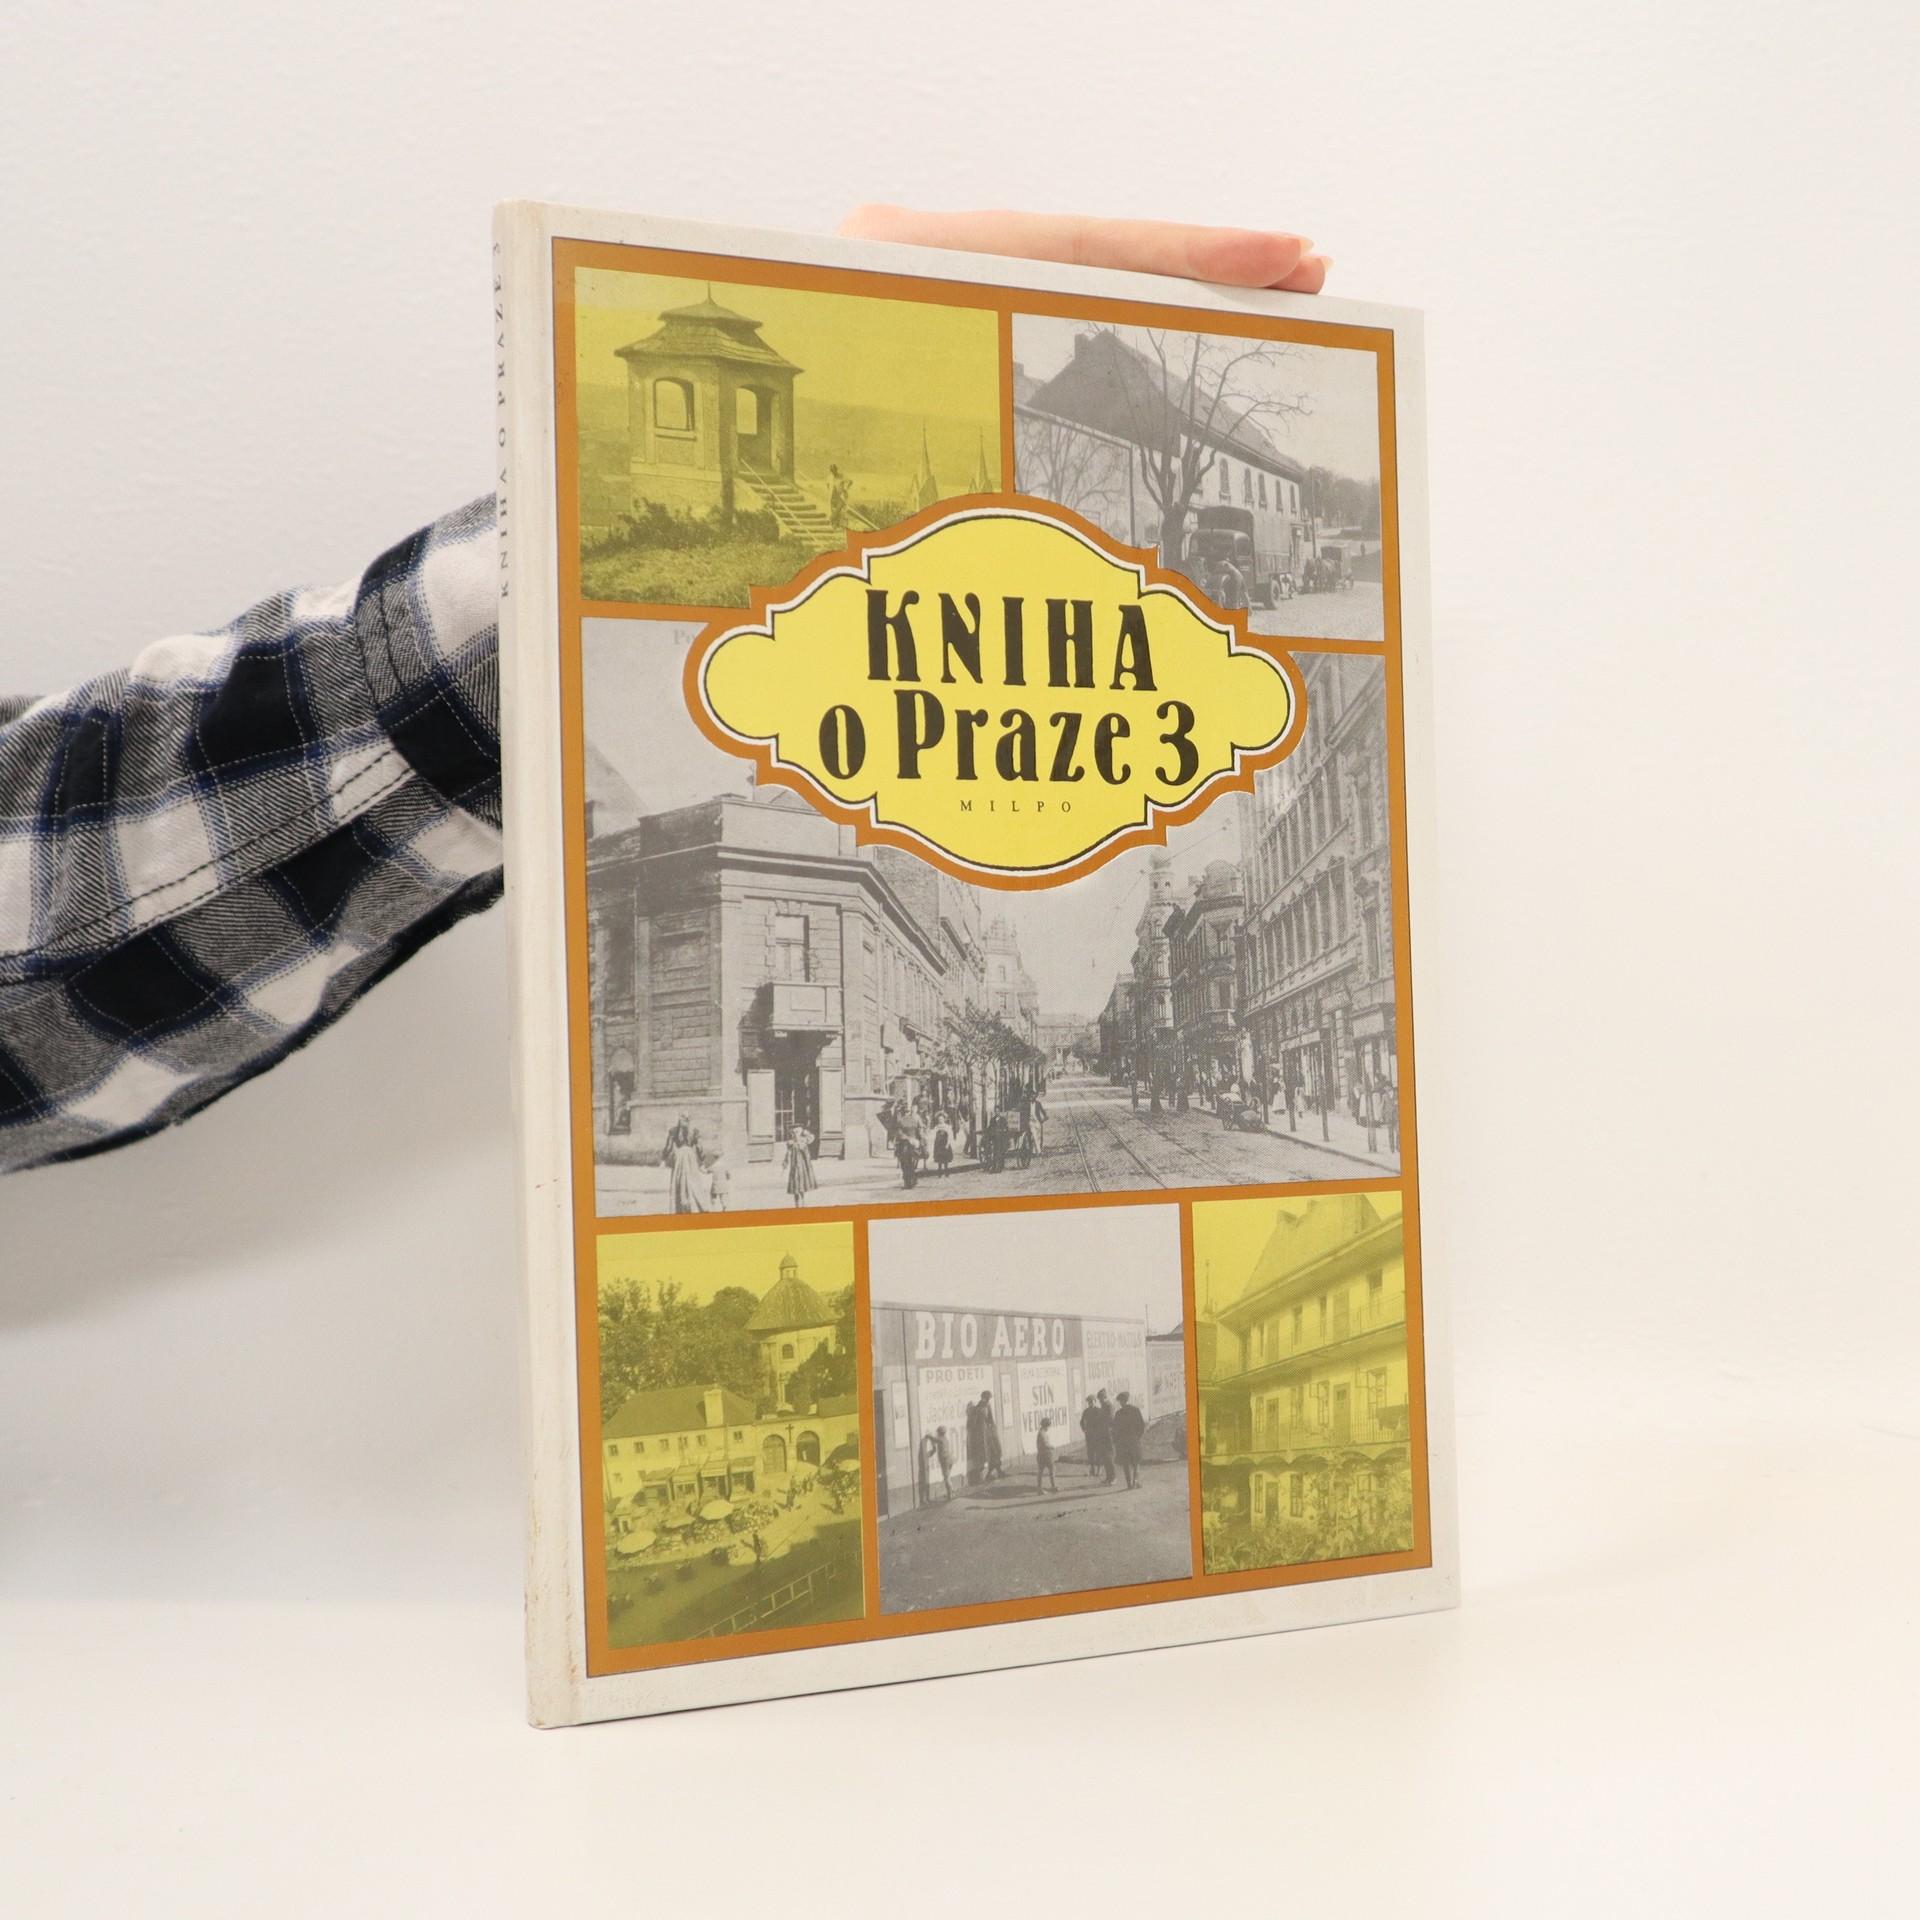 antikvární kniha Kniha o Praze 3, 1994